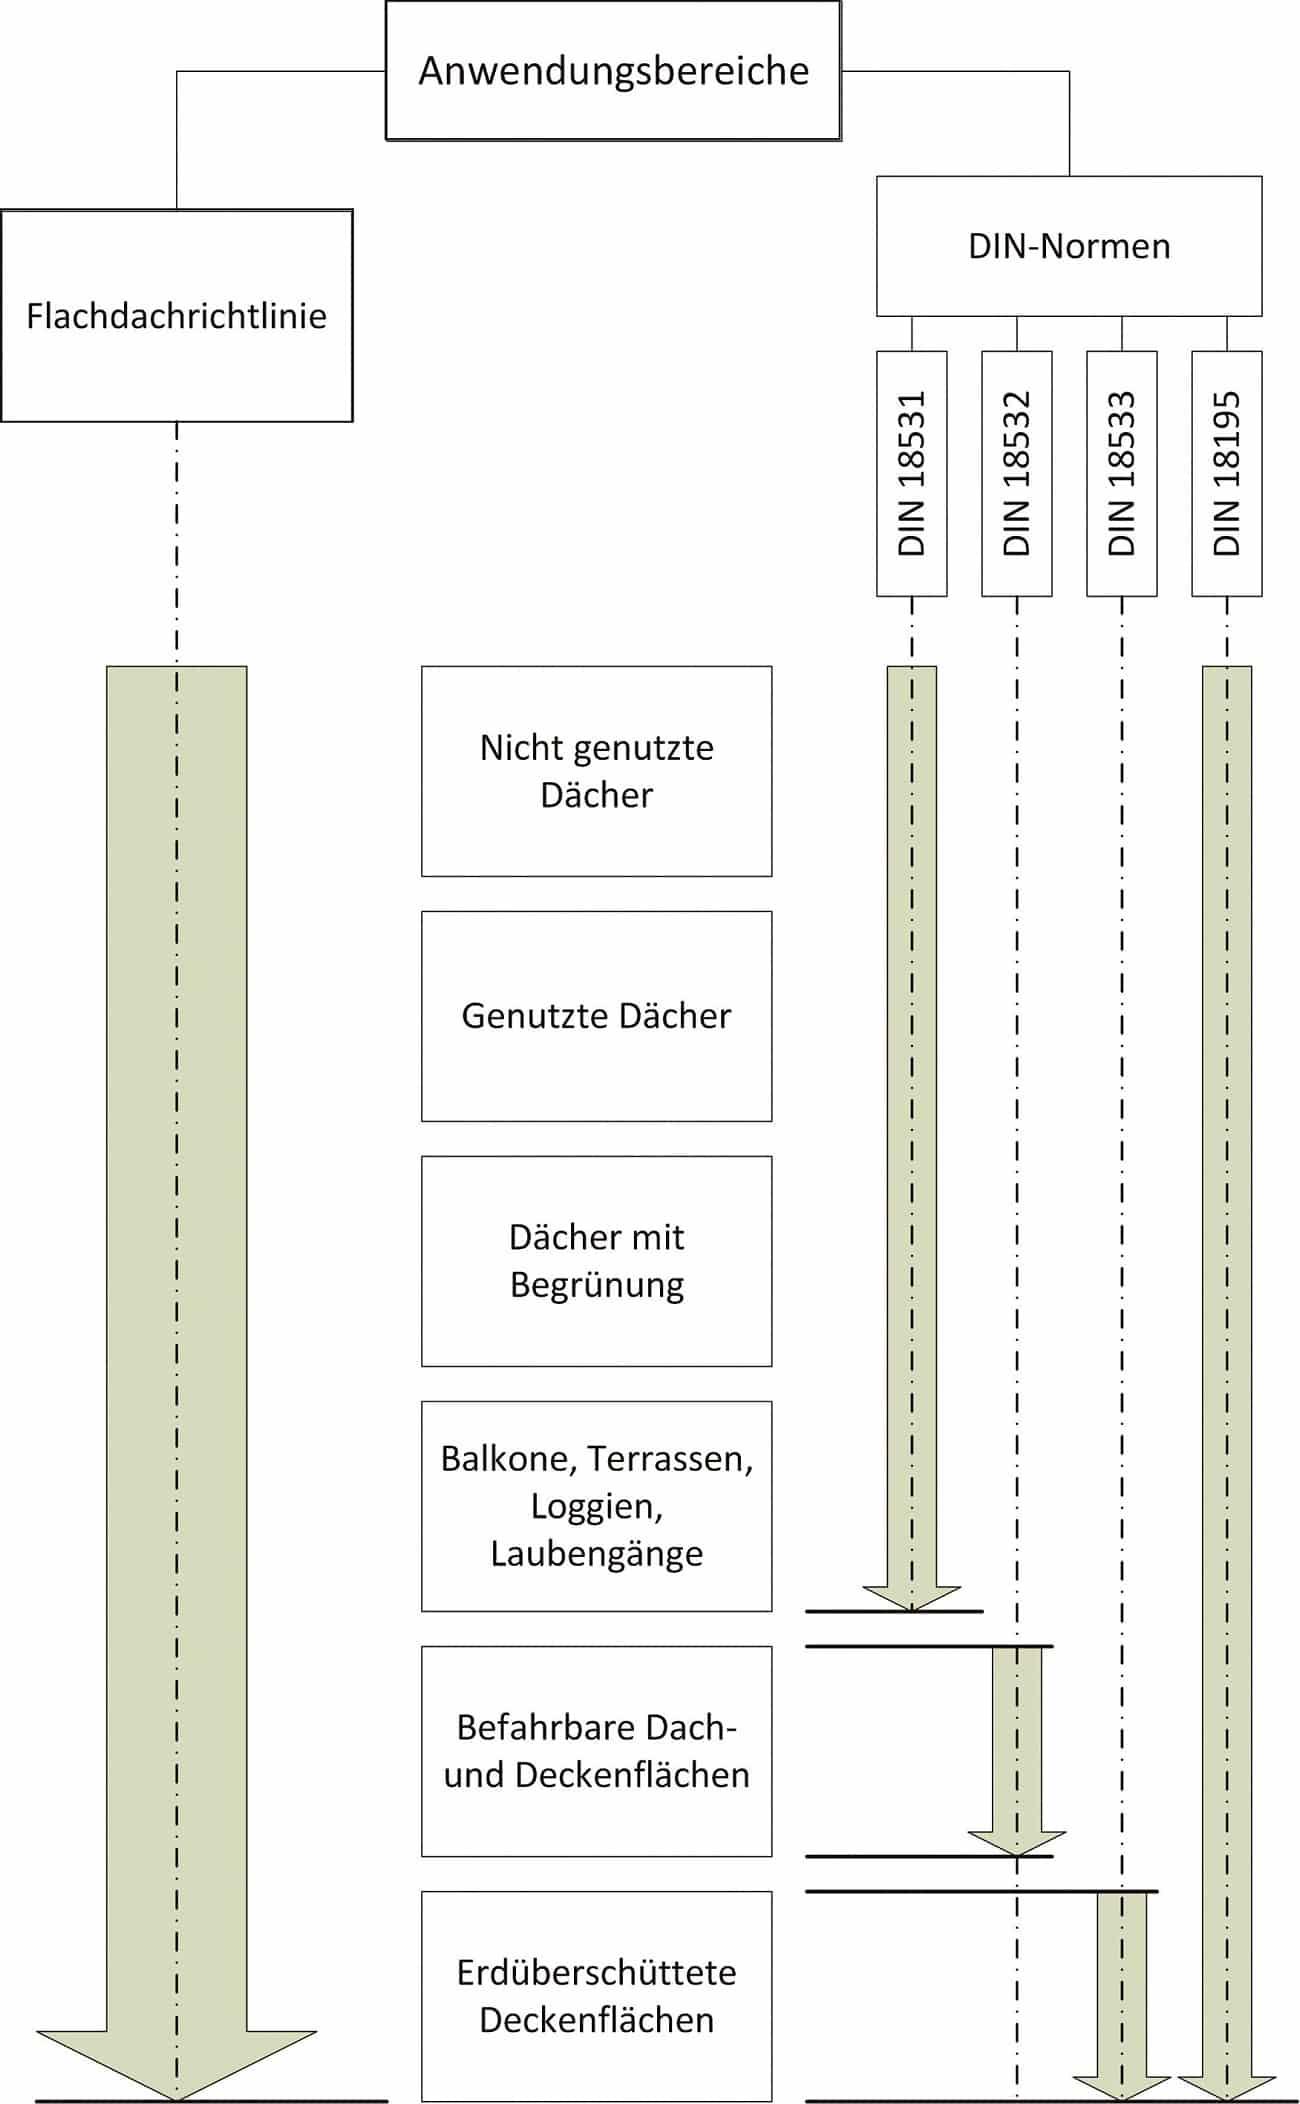 uebersicht_ueber_die_anwendungsbereiche